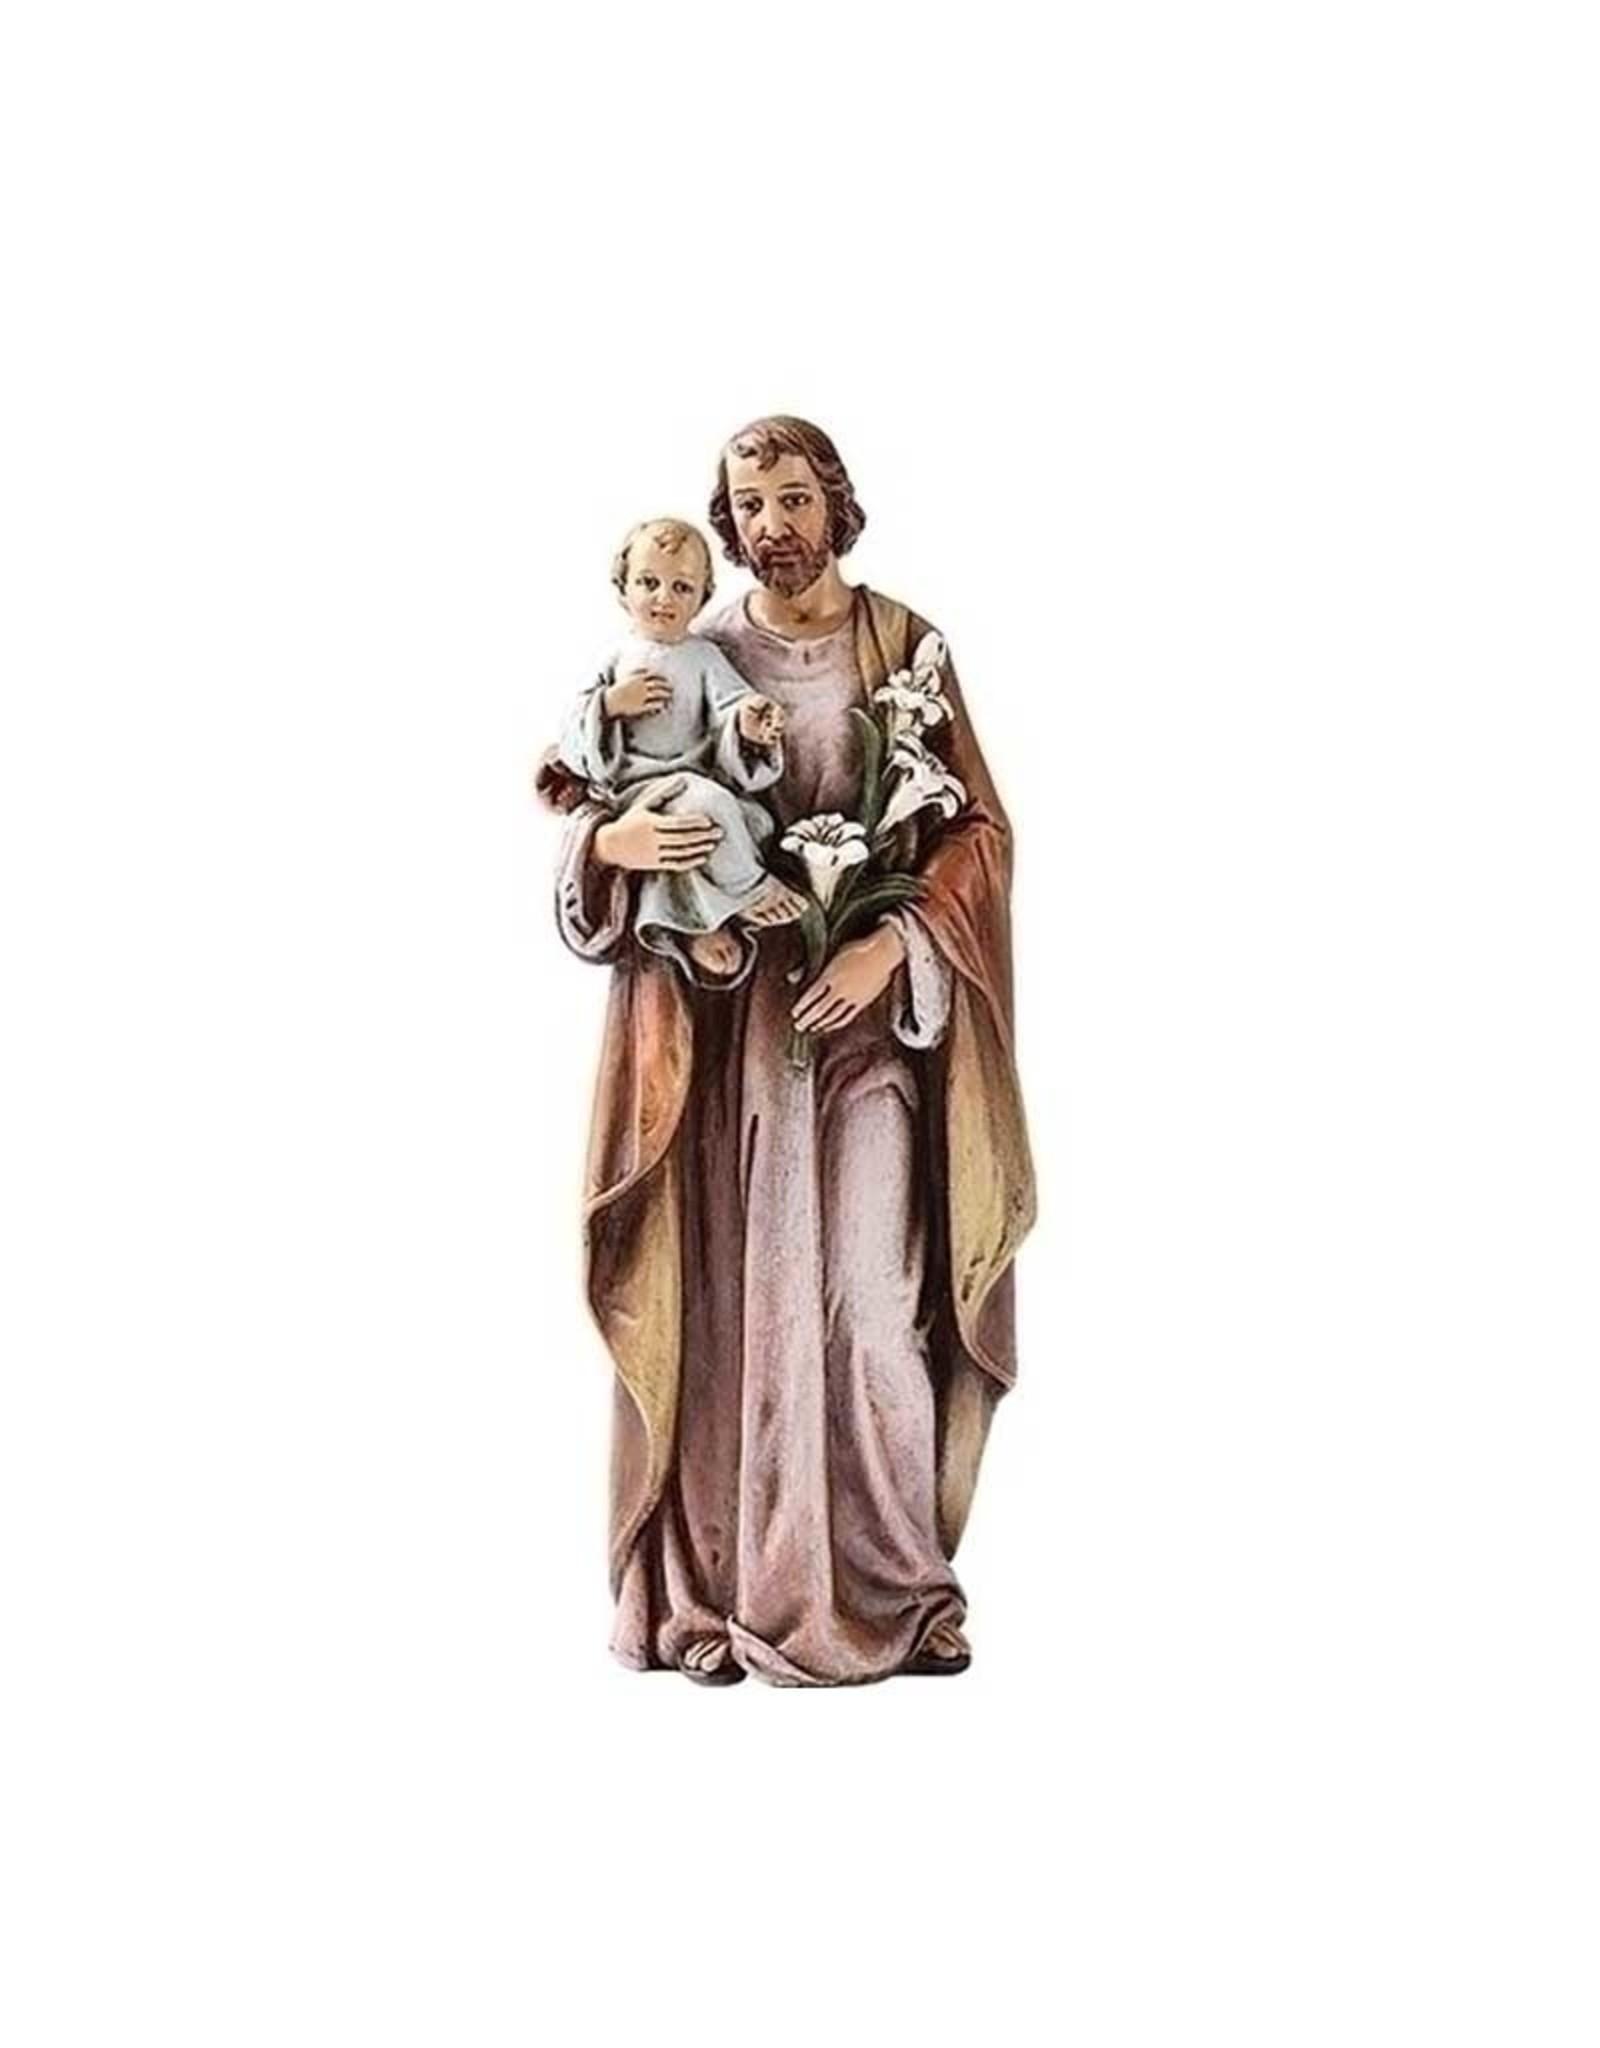 Joseph's Studio / Roman Statue Saint Joseph en résine couleur lilas et brun